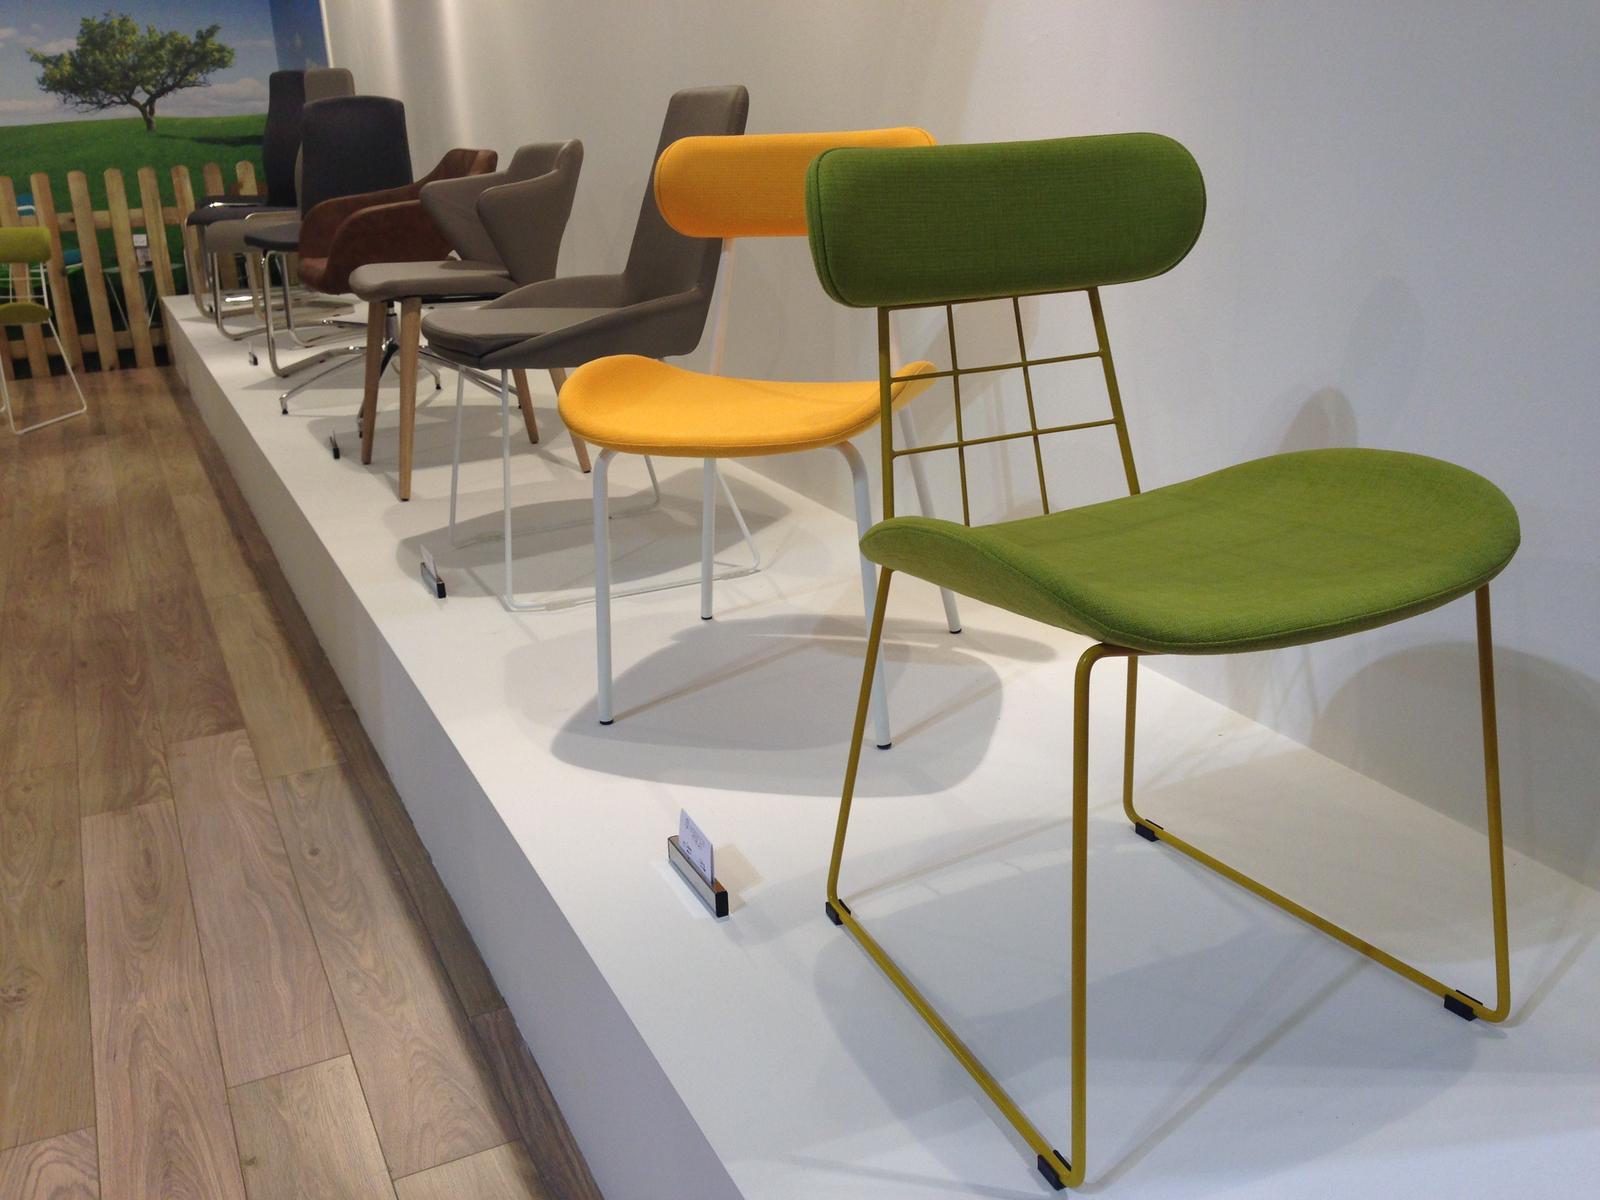 Milano - Salone del Mobile 2015 - Obrázek č. 15